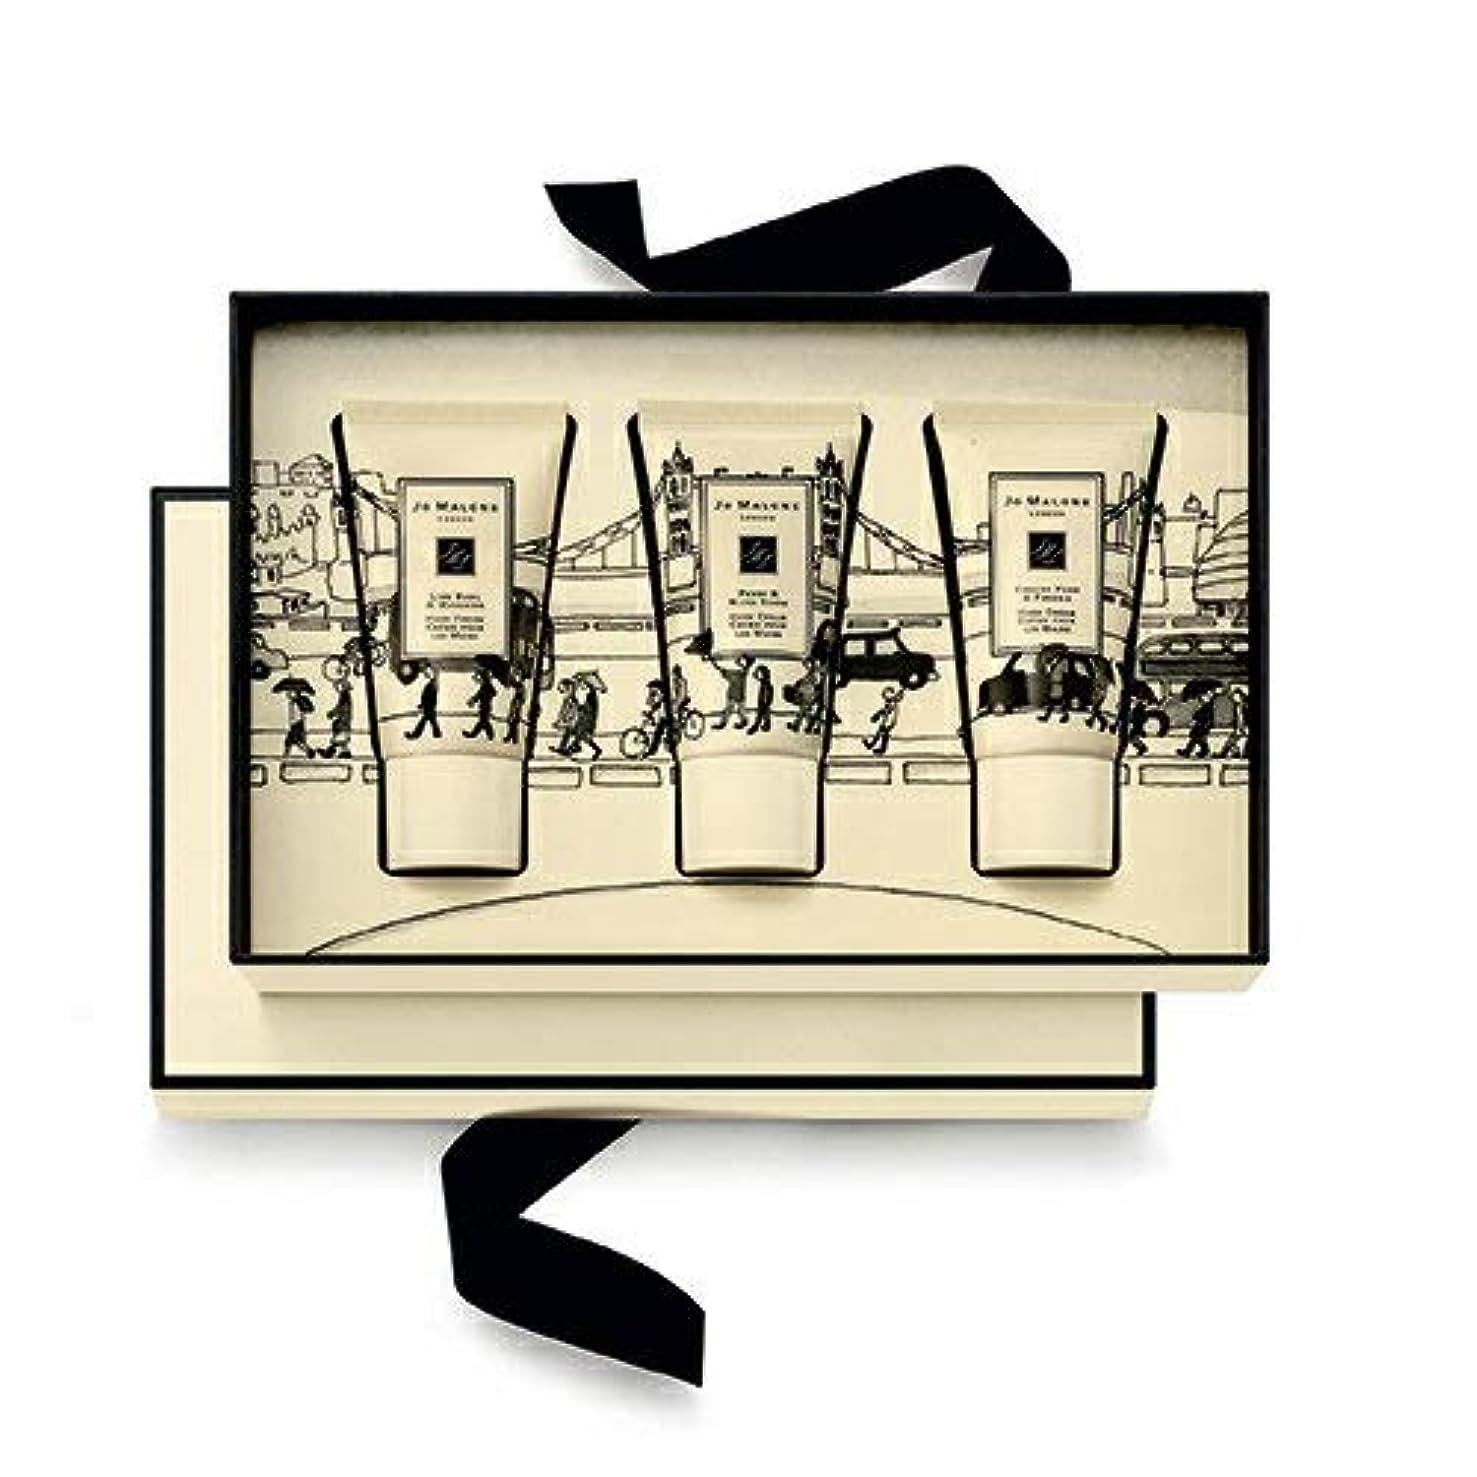 雨のギター調和ジョー マローン ハンド クリーム コレクション 30ml×3(ライムバジル&マンダリン?ピオニー&ブラッシュスエード?イングリッシュペアー&フリージア)JO MALONE HAND CREAM TRIO COLLECTION [並行輸入品]